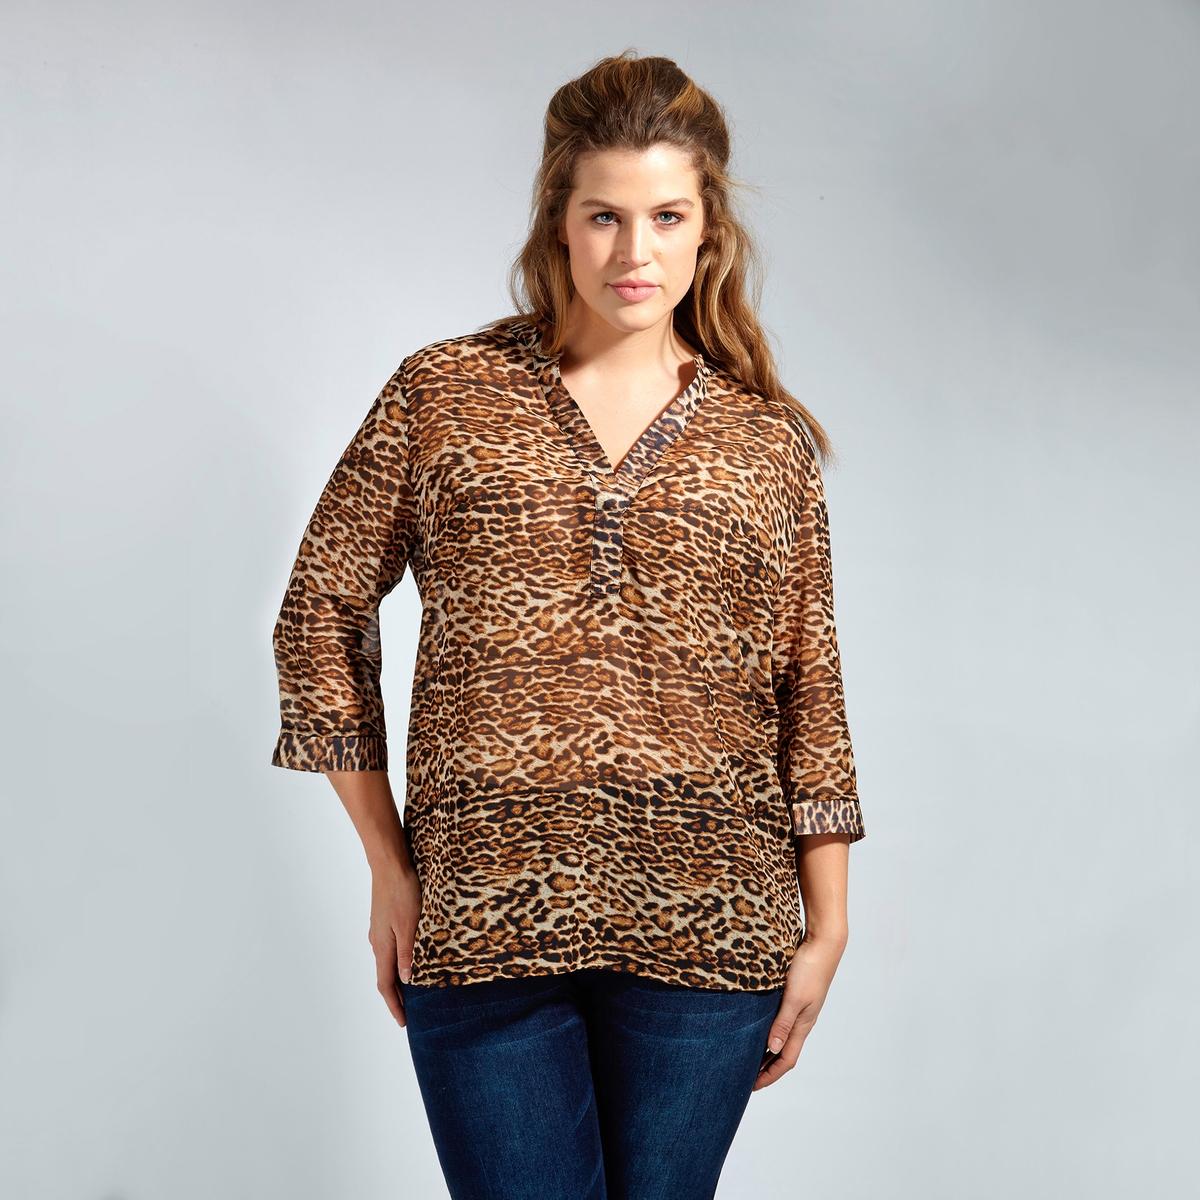 БлузкаБлузка KOKO BY KOKO. Длинные рукава. V-образный вырез. 100% полиэстер<br><br>Цвет: леопардовый рисунок